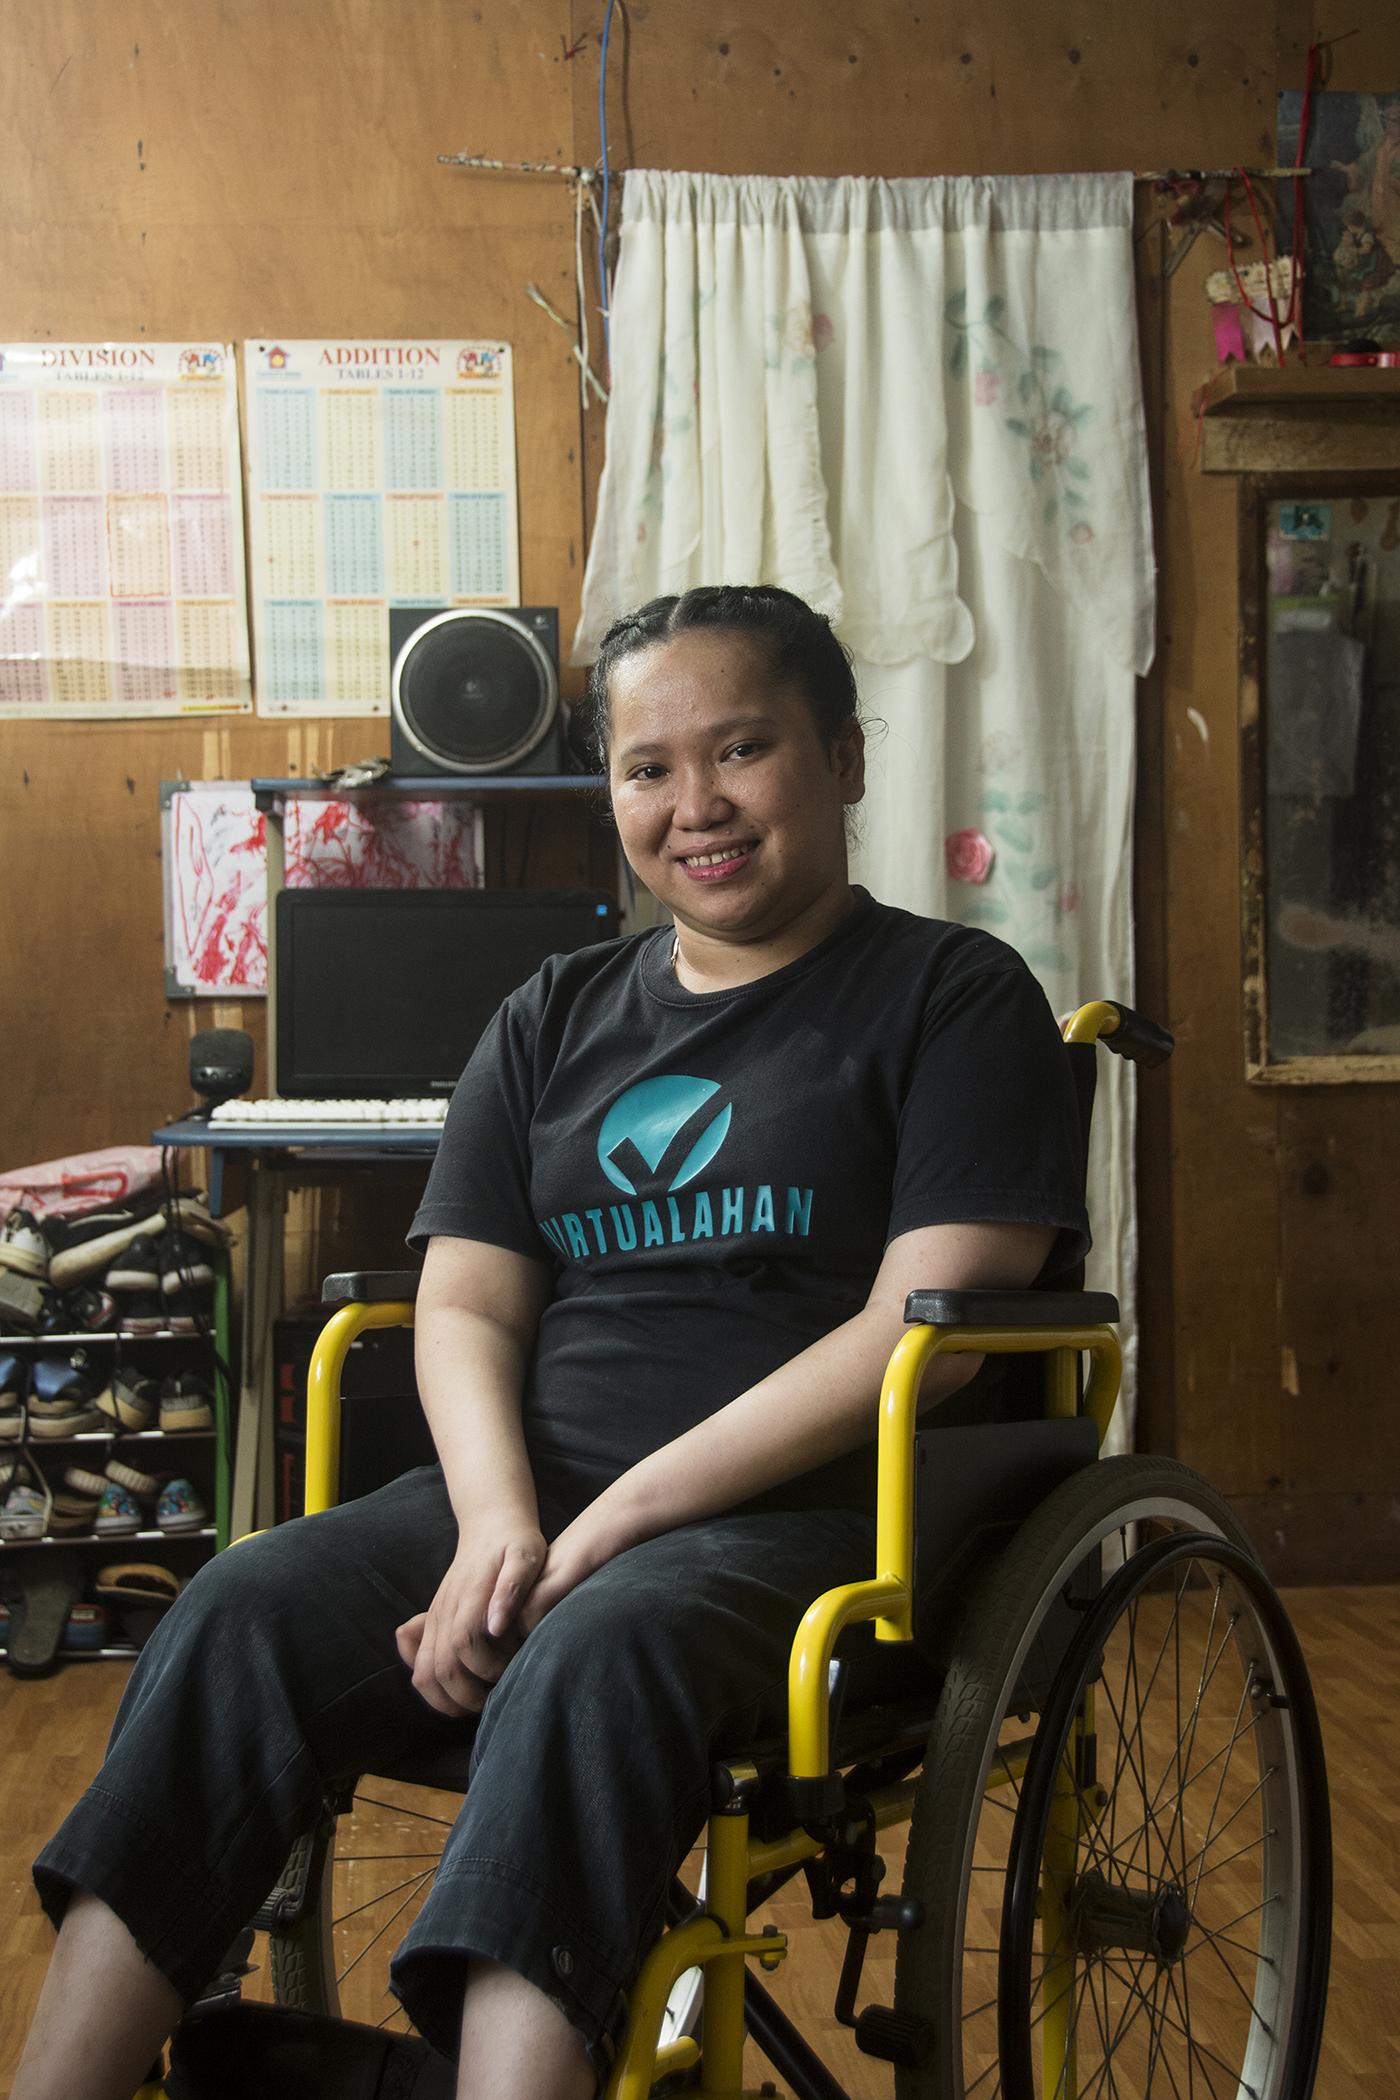 Mary Grace I. Daliola aus Davon City auf den Philippinen posiert für ihr Portrait. Sie ist Teil der Virtualahan- Community und kann durch das Ausbildungsprogramm heute wieder ihre Familie ernähren. Bild: Ryam Yap/Micromedia für Global Citizen